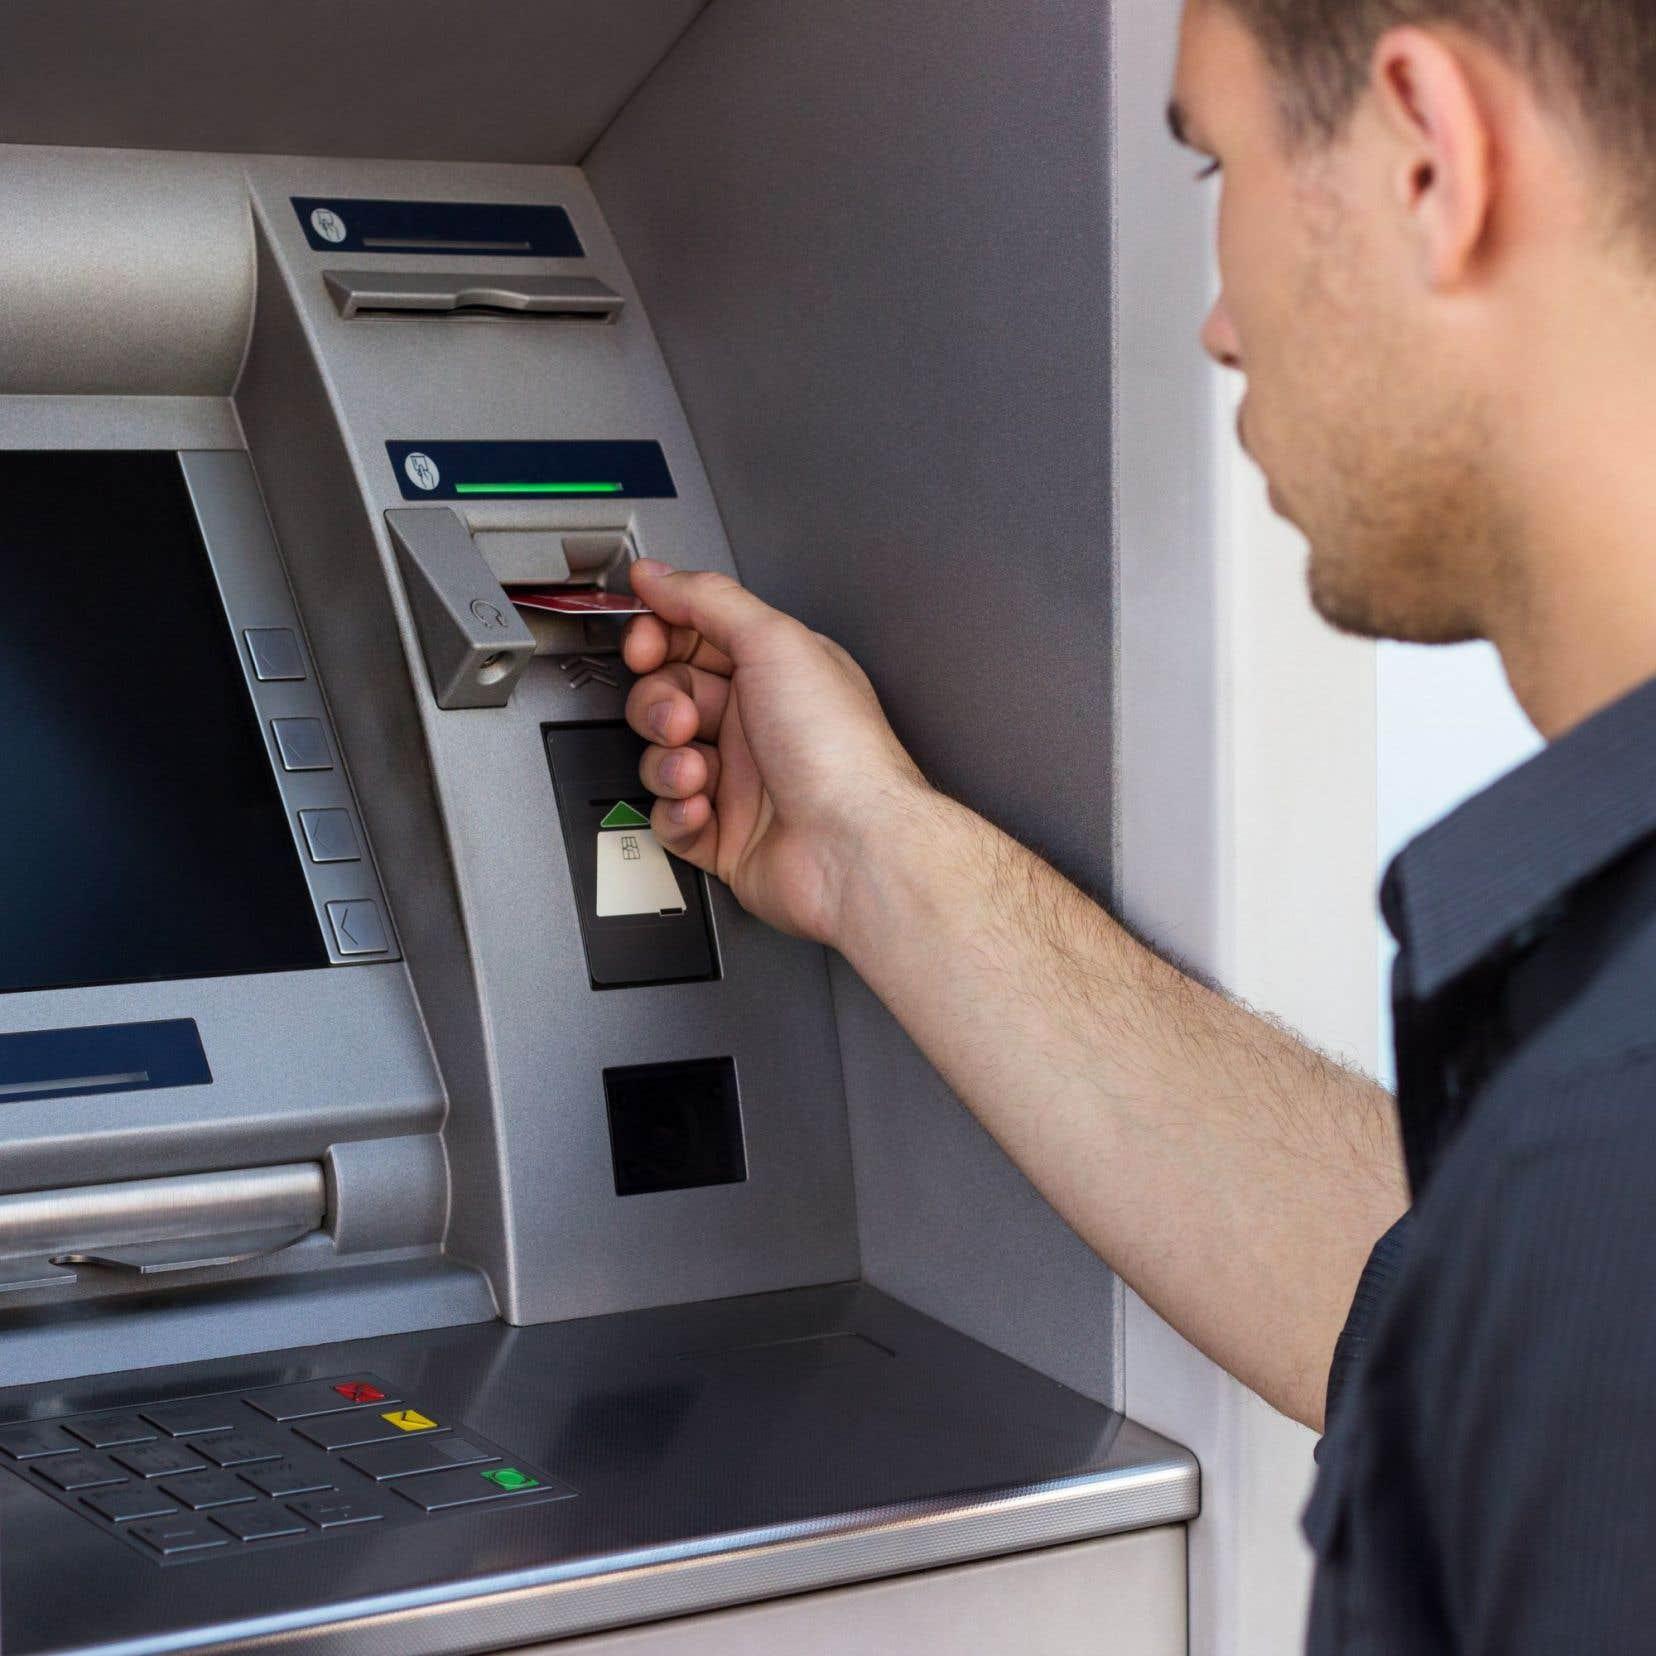 Entré en vigueur en janvier 2012, le projet de loi 128 consistait à évincer le crime organisé du monde des guichets non bancaires, utilisés pour blanchir de l'argent.